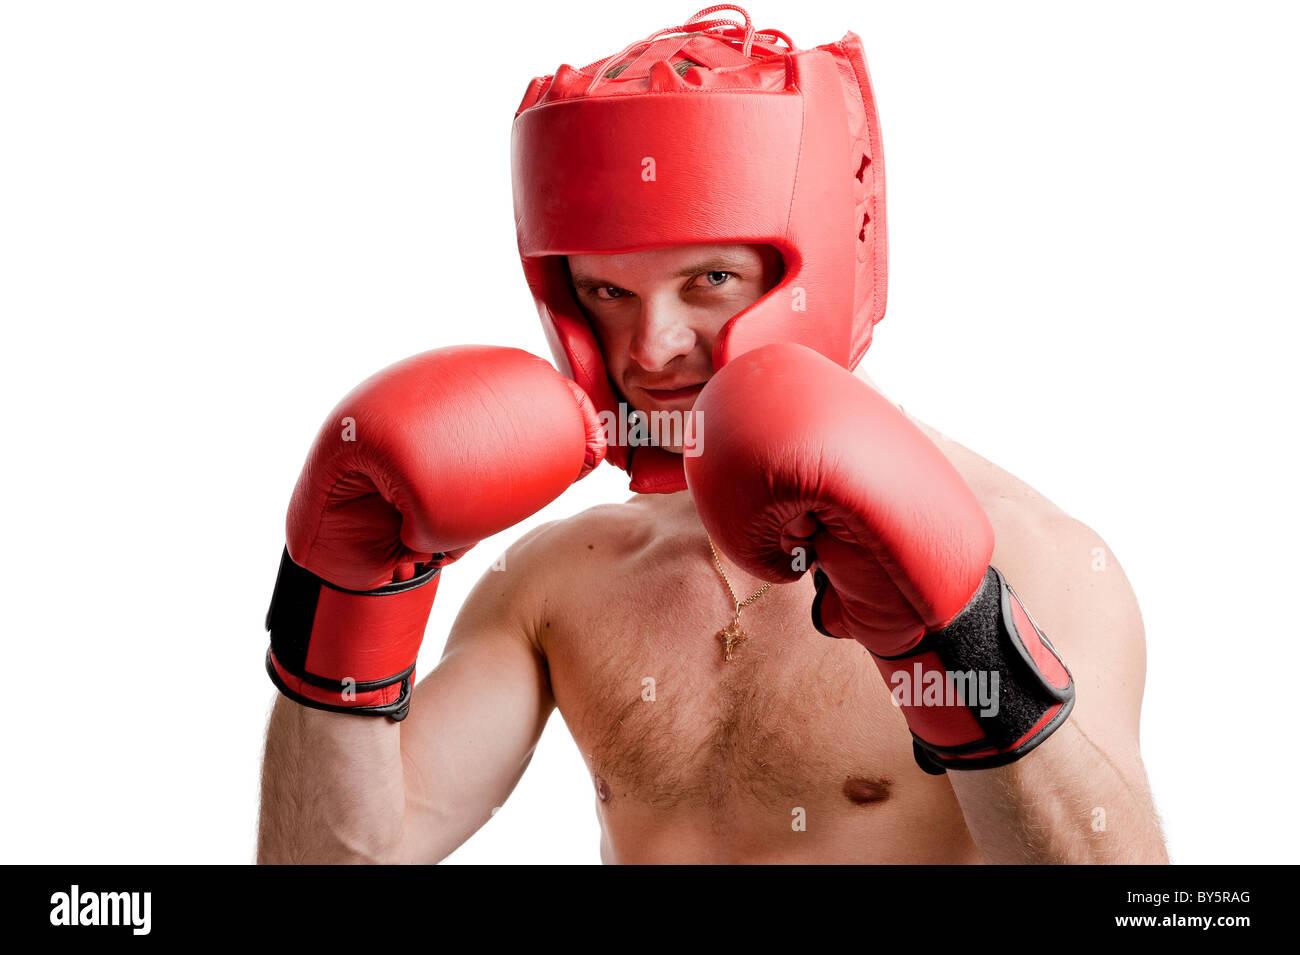 Boxer professionale posizione isolata su sfondo bianco Immagini Stock